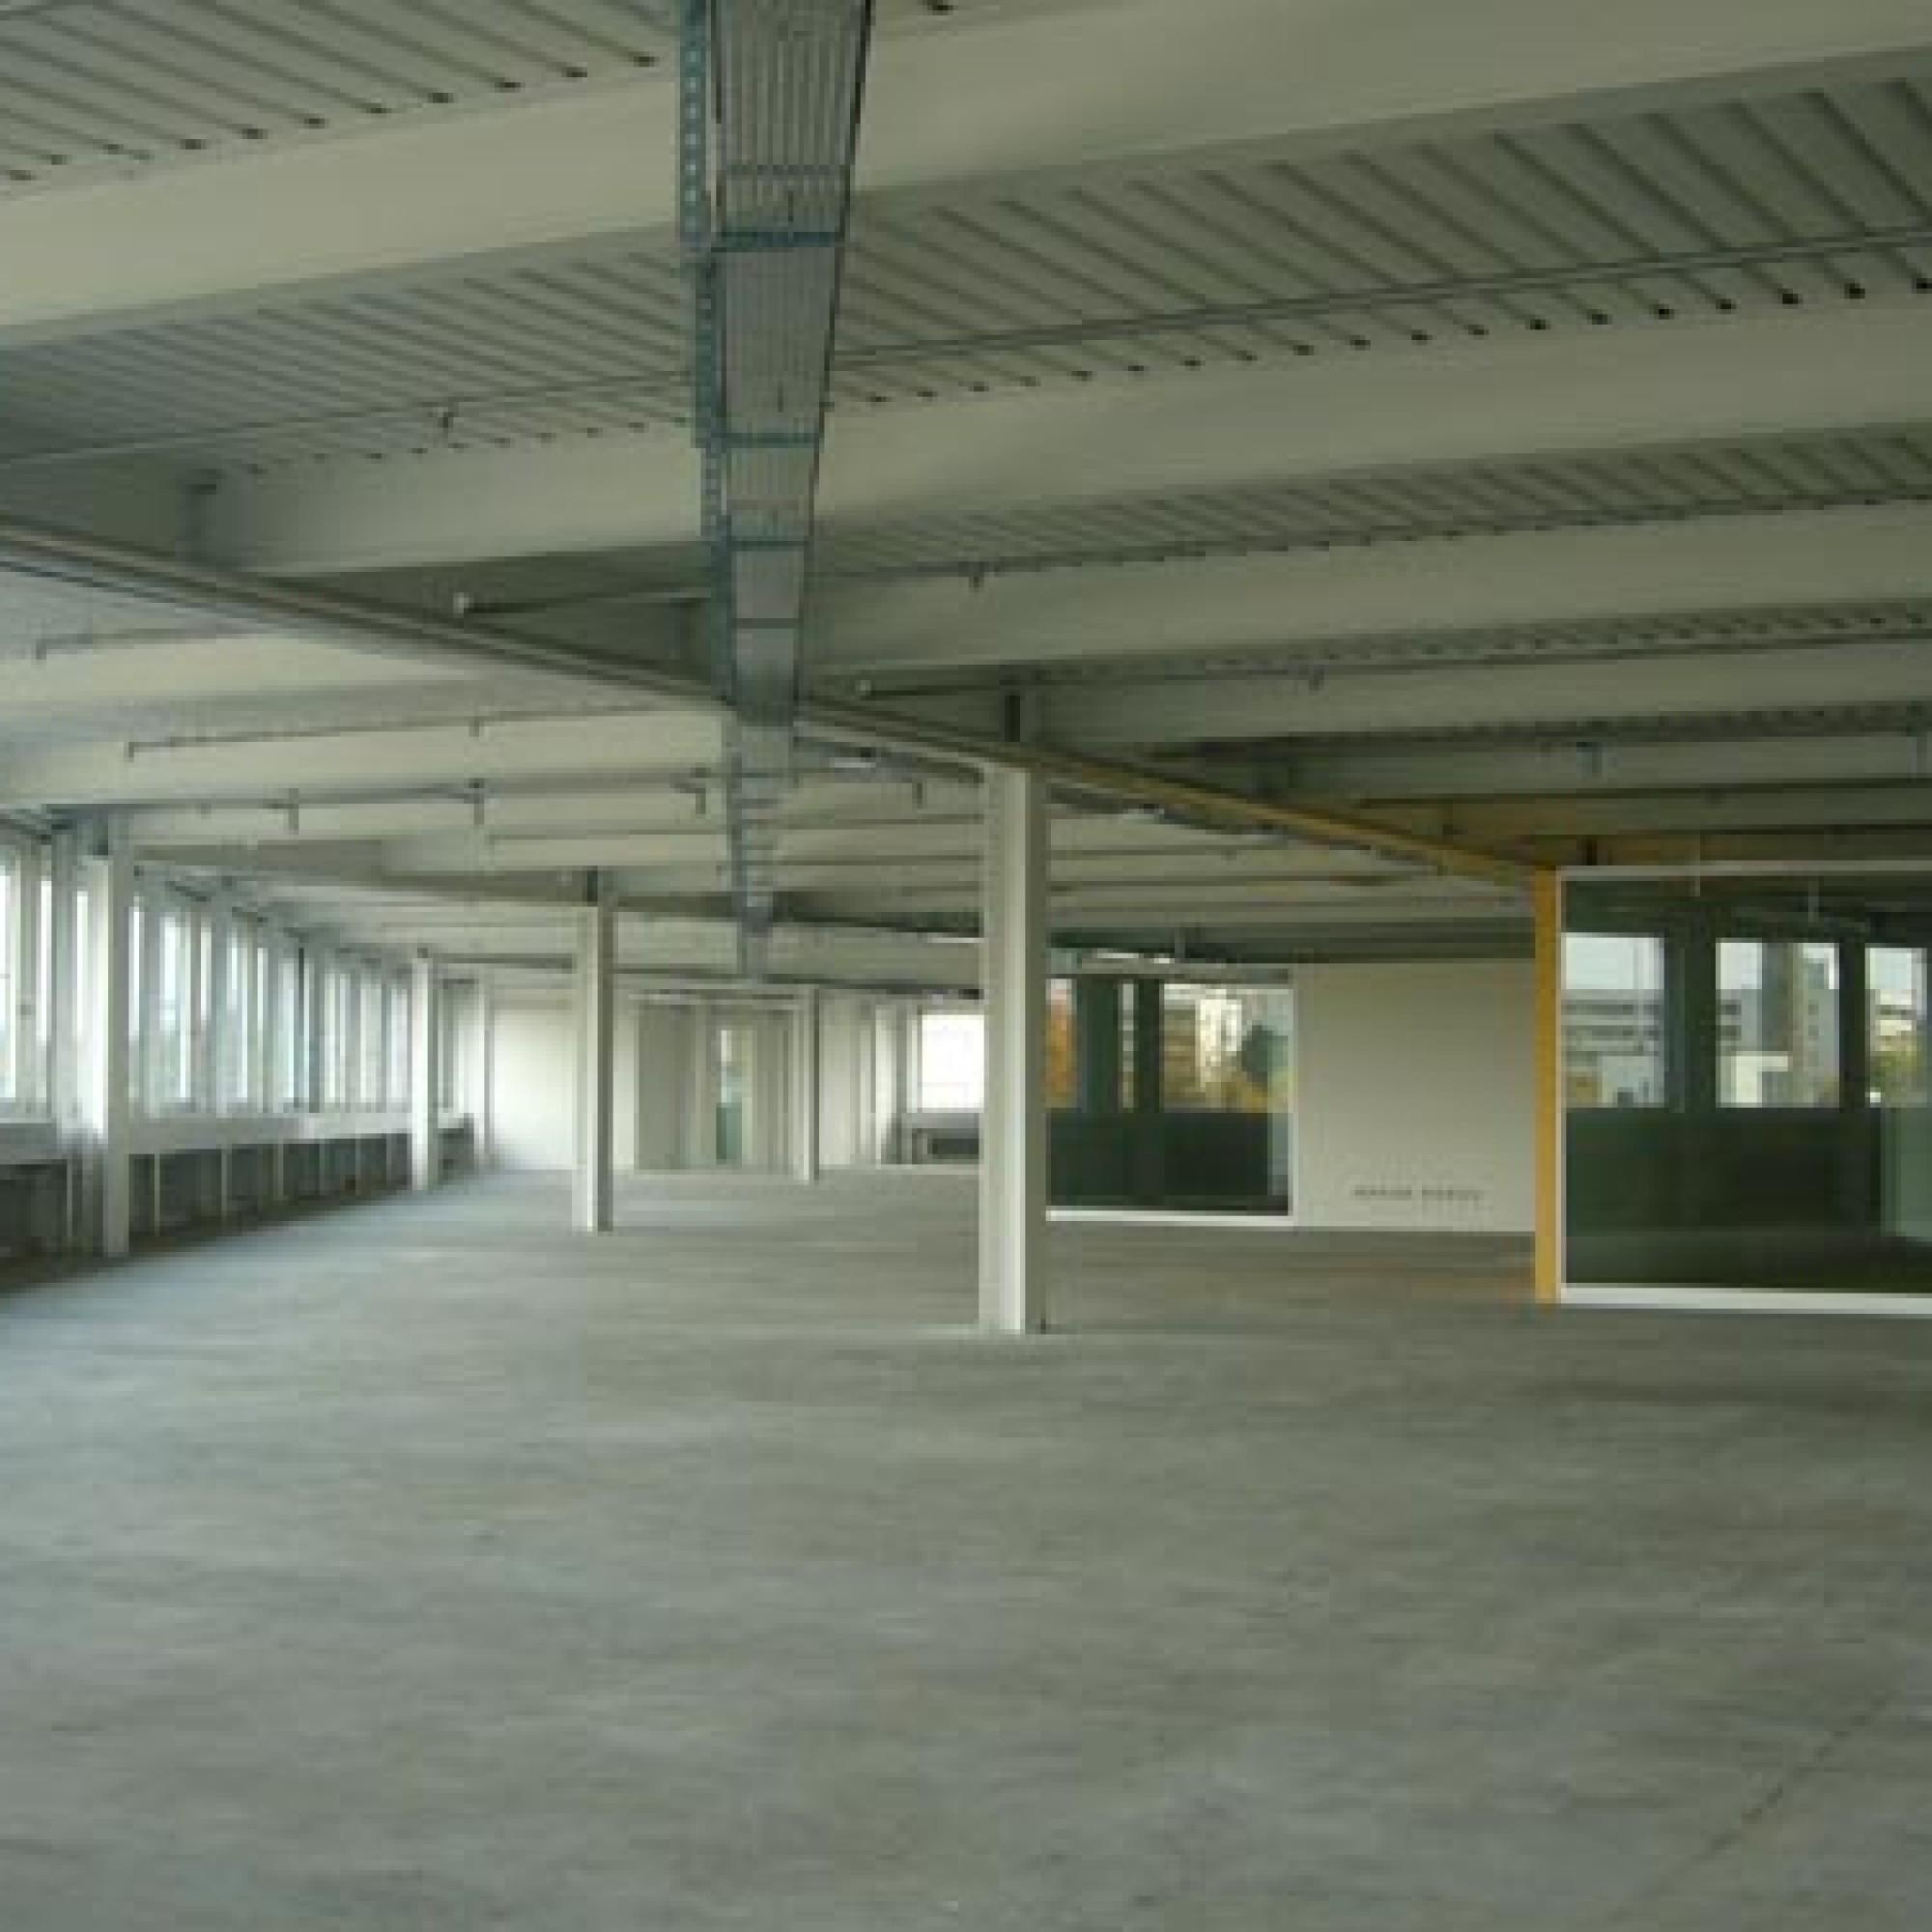 Das Gebäude mit der auffällig roten Leichtmetallfassade wurde bereits 2007 bis 2008 umgebaut. (Bild: zvg)